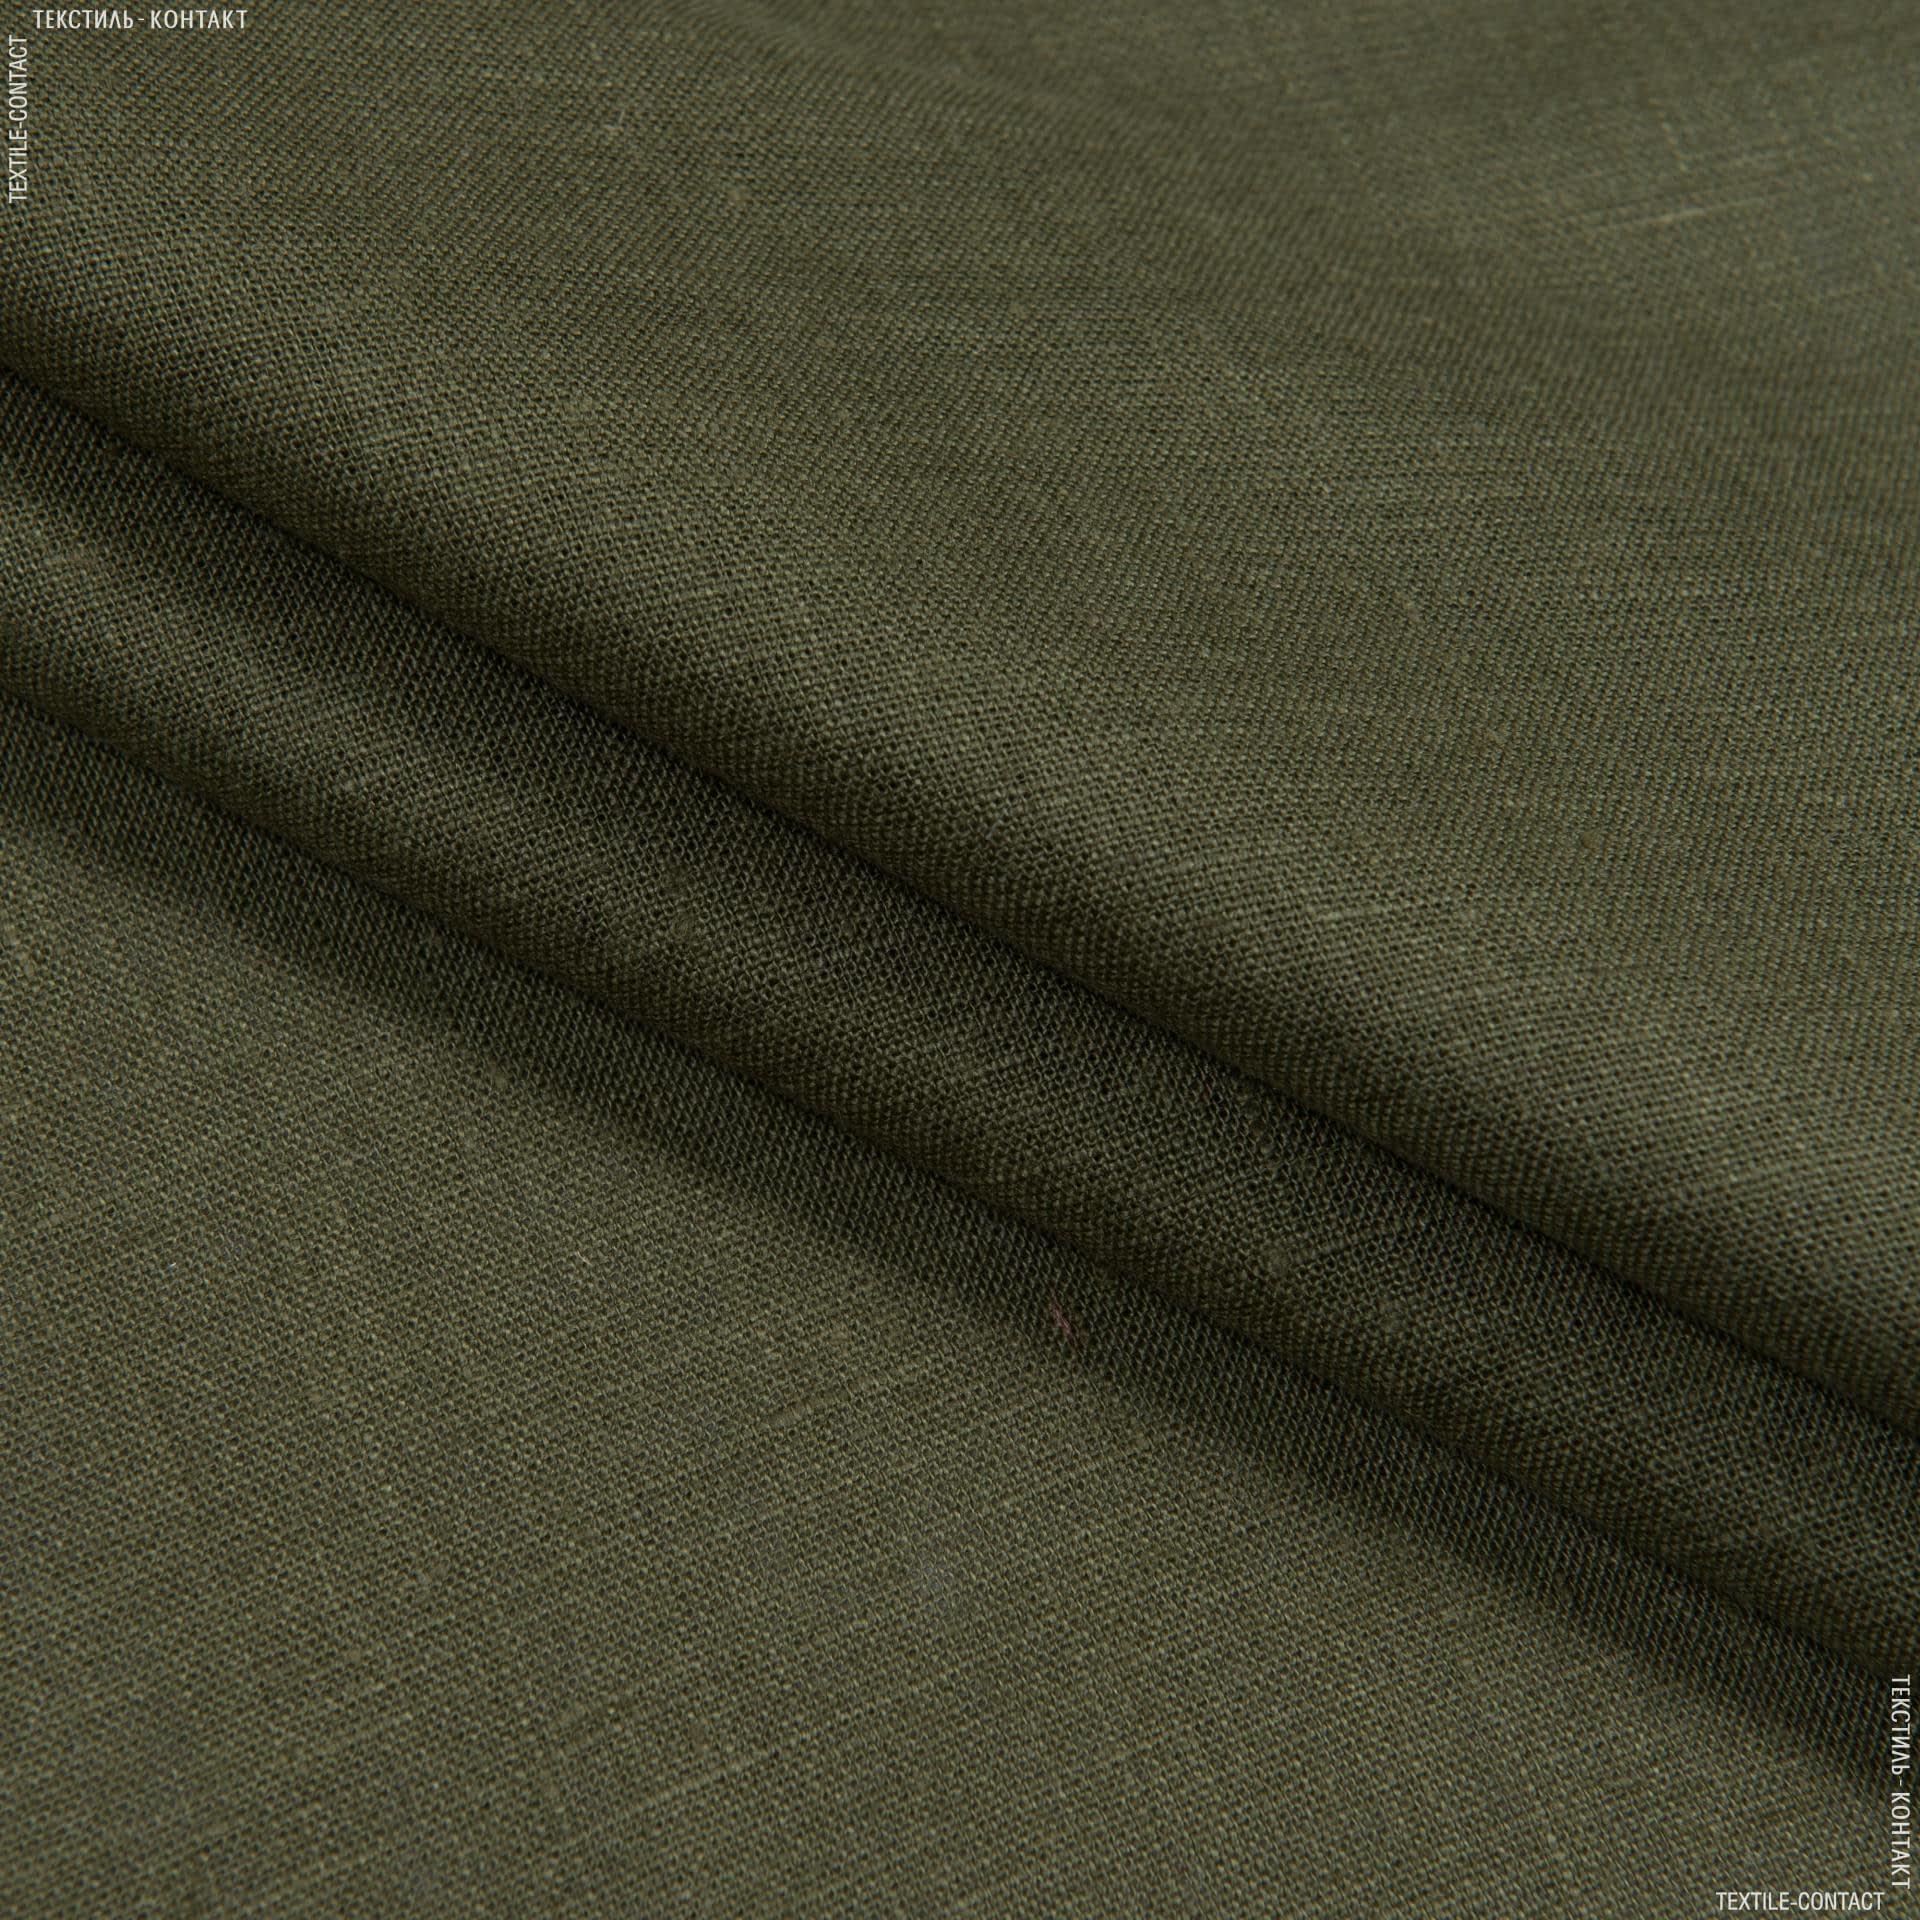 Тканини для штанів - Льон хакі